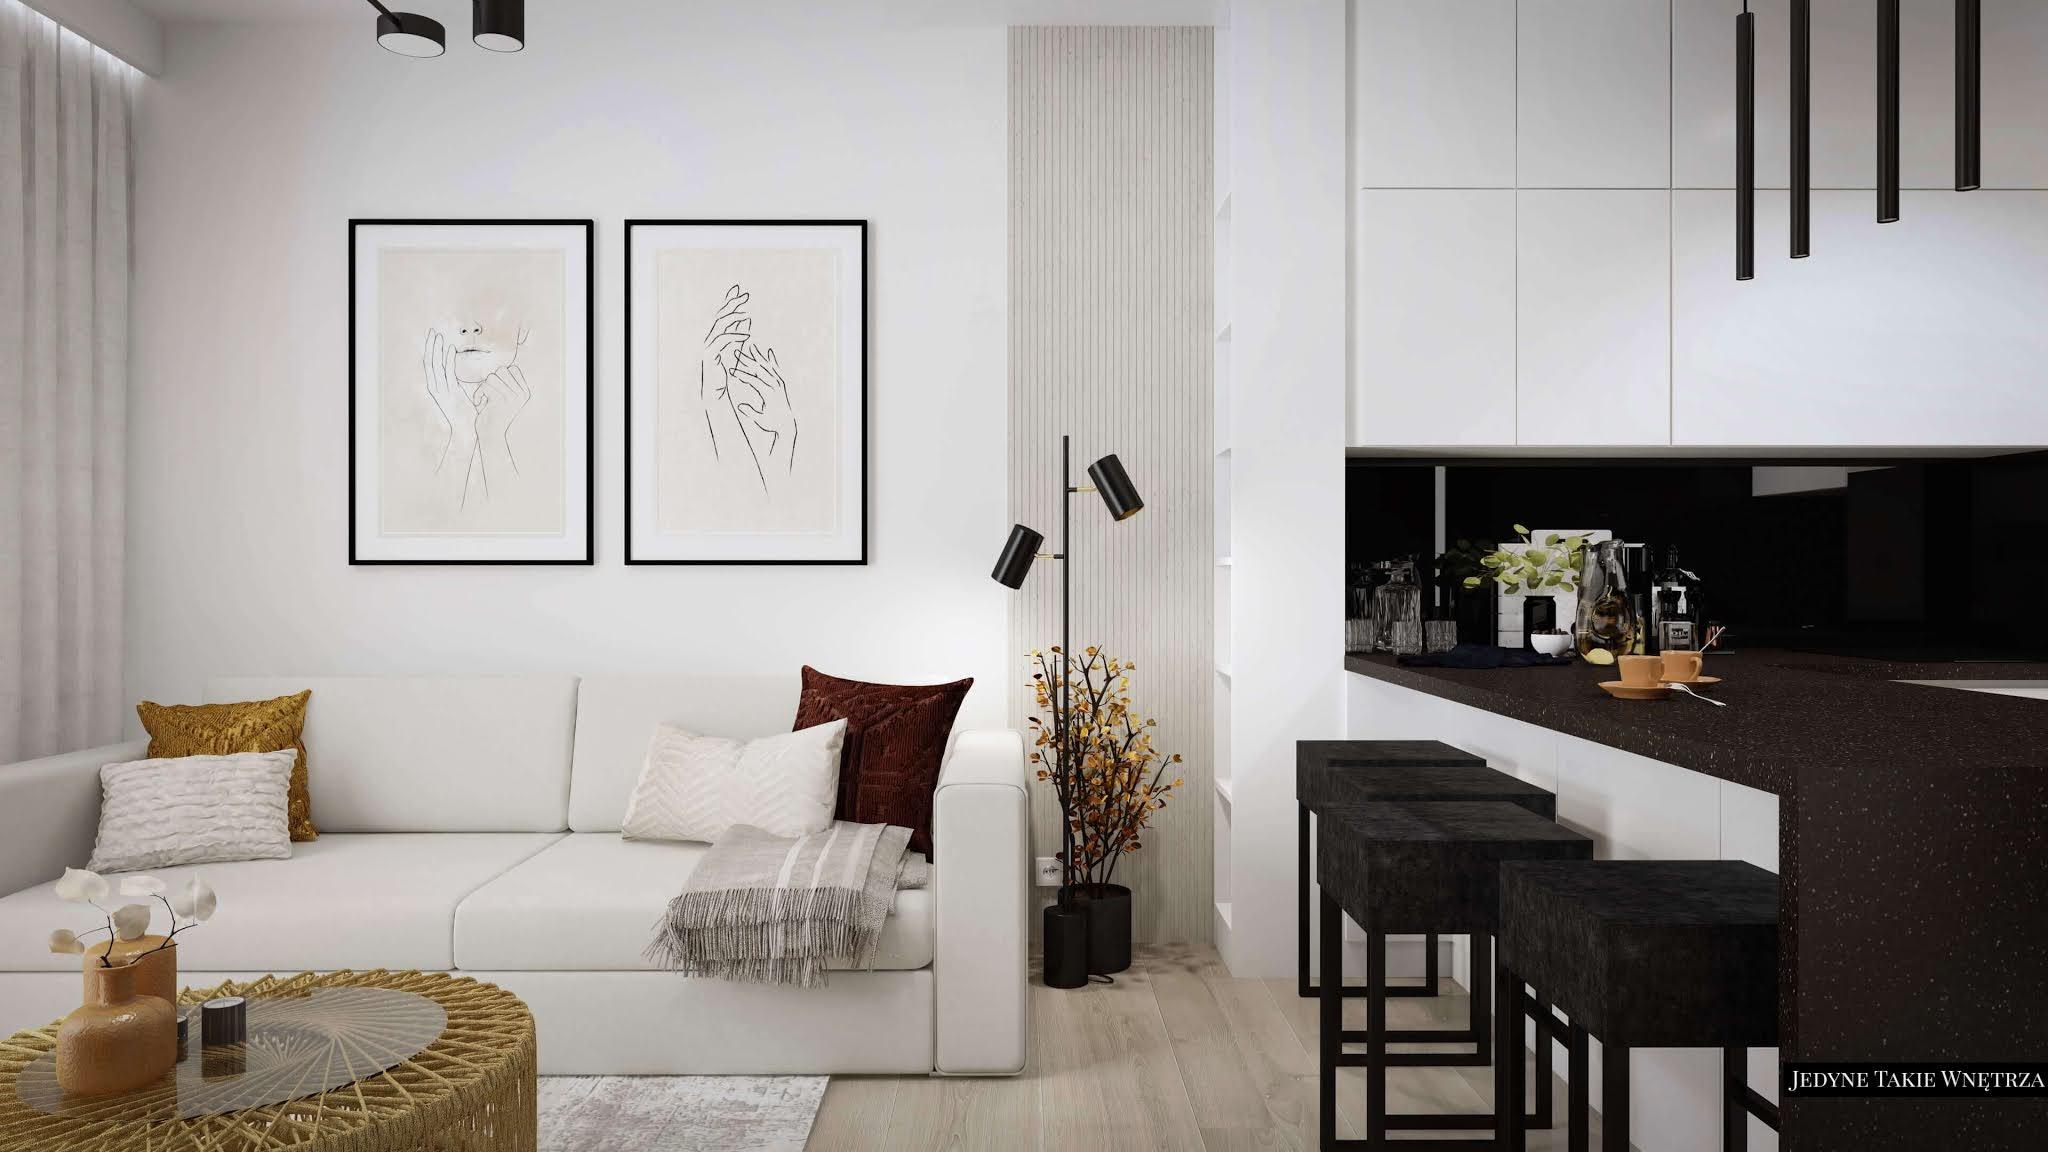 Przeróbki w mieszkaniu deweloperskim | Projektowanie wnętrz Gdańsk